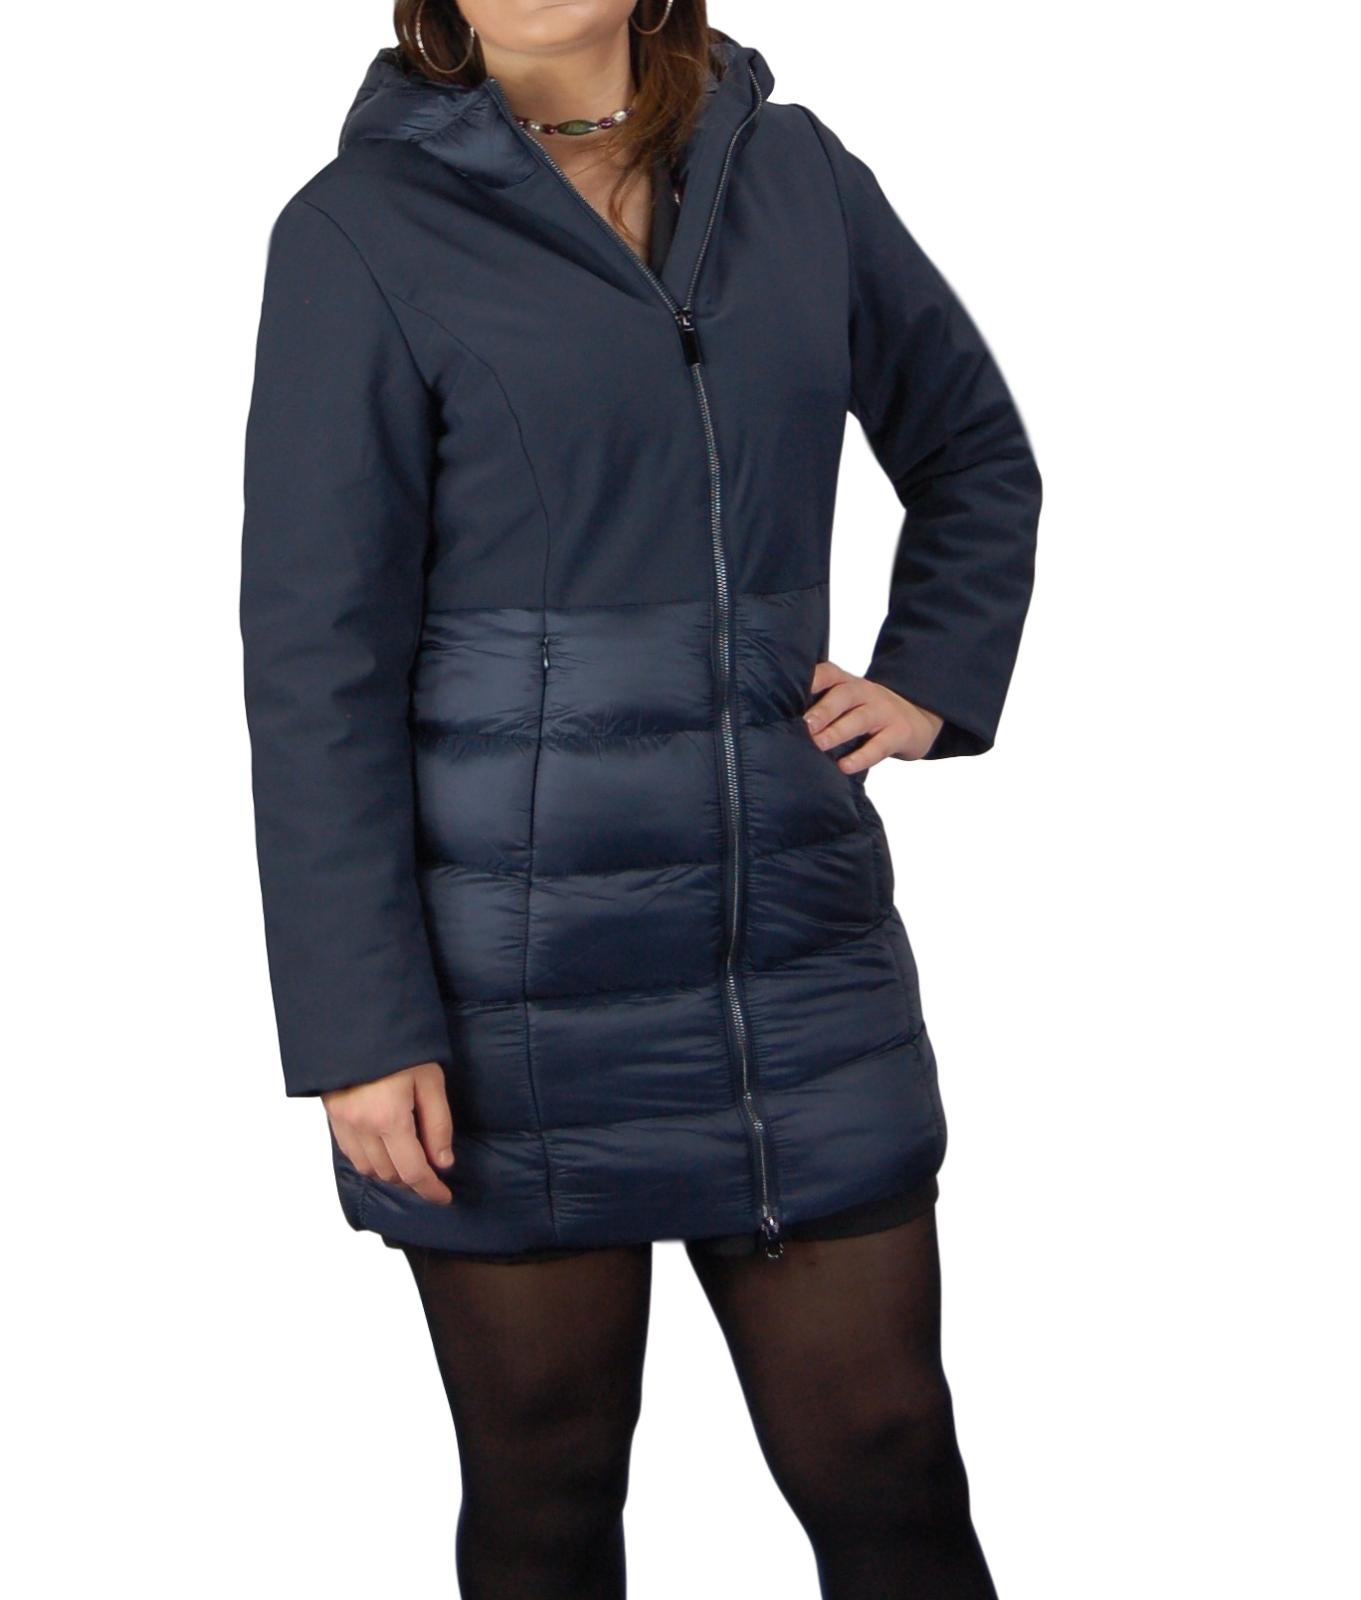 Giubbotto-Donna-Invernale-Piumino-Impermeabile-Parka-Blu-Nero-Slim-fit-Casual miniatura 13